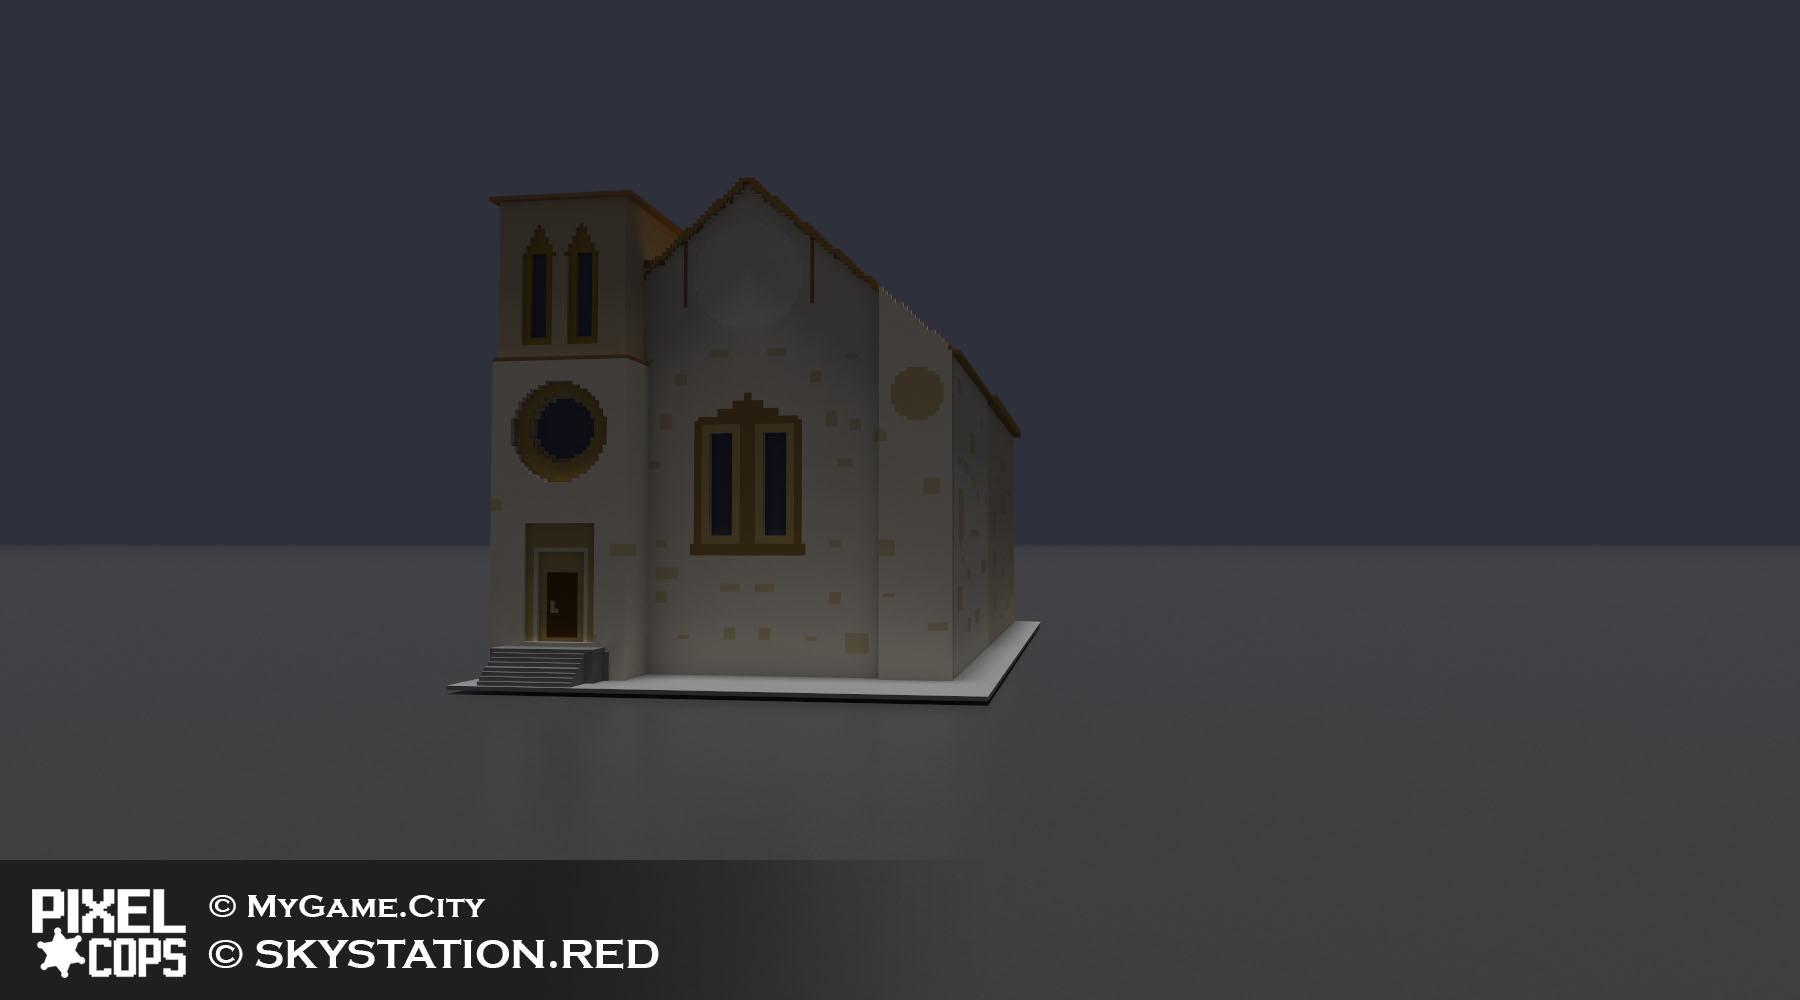 Аве Мария! — Pixel Cops — DevTribe: Разработка игр (pixel cops, бета, збт)